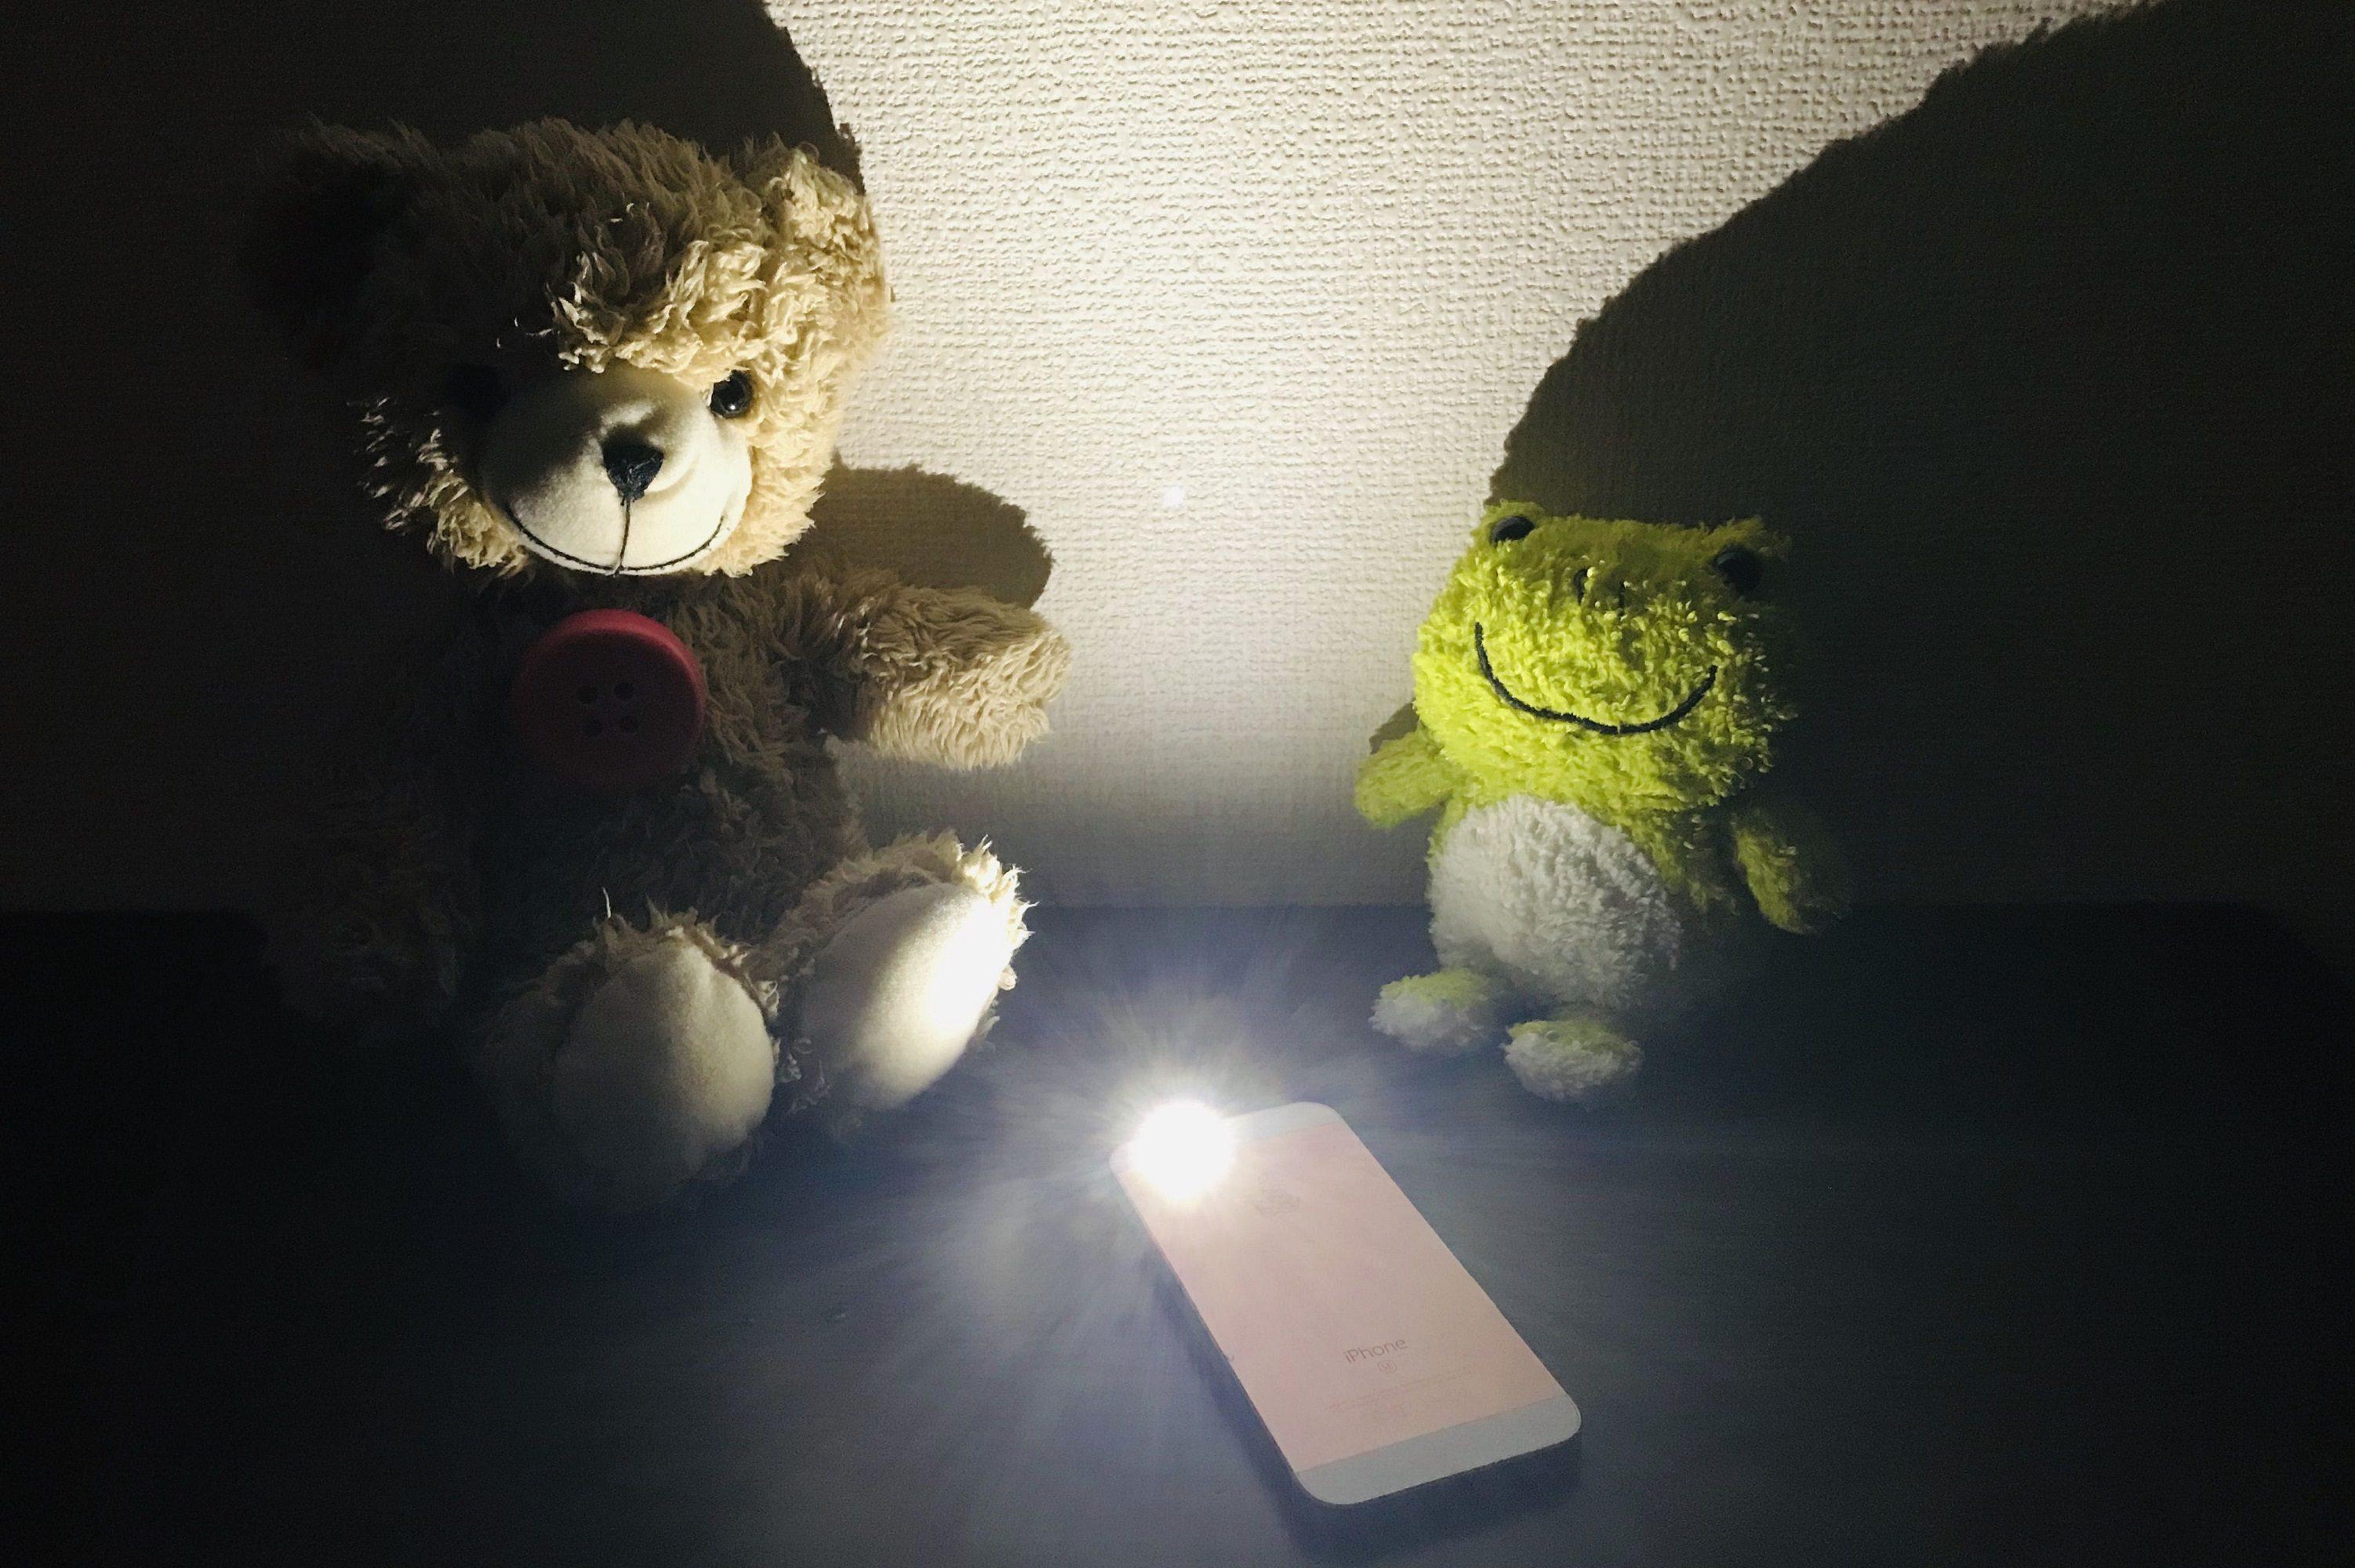 スマートフォンのライト